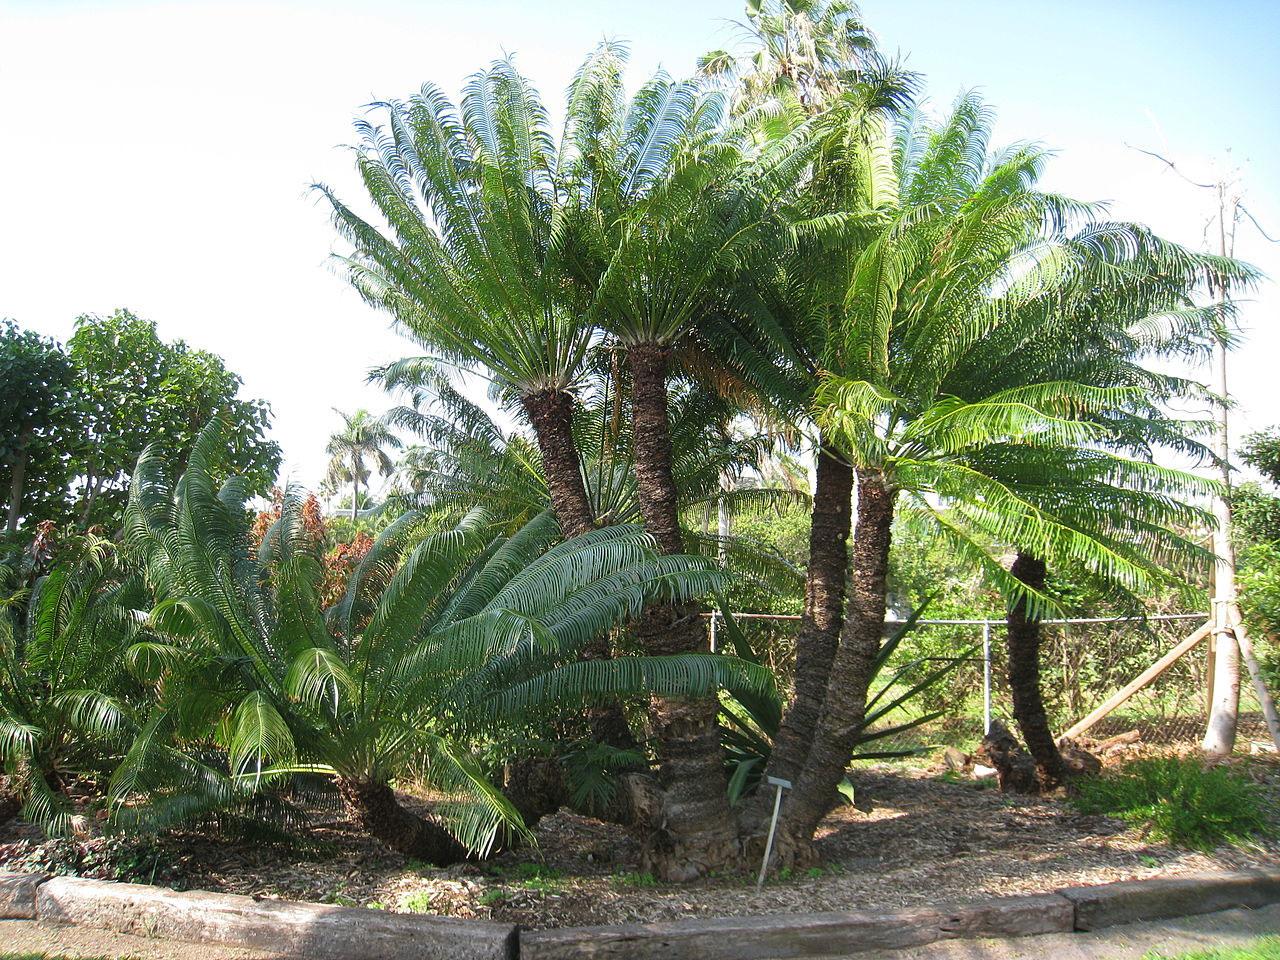 Cykas indický (Cycas circinalis) - zástupca cykasorastov